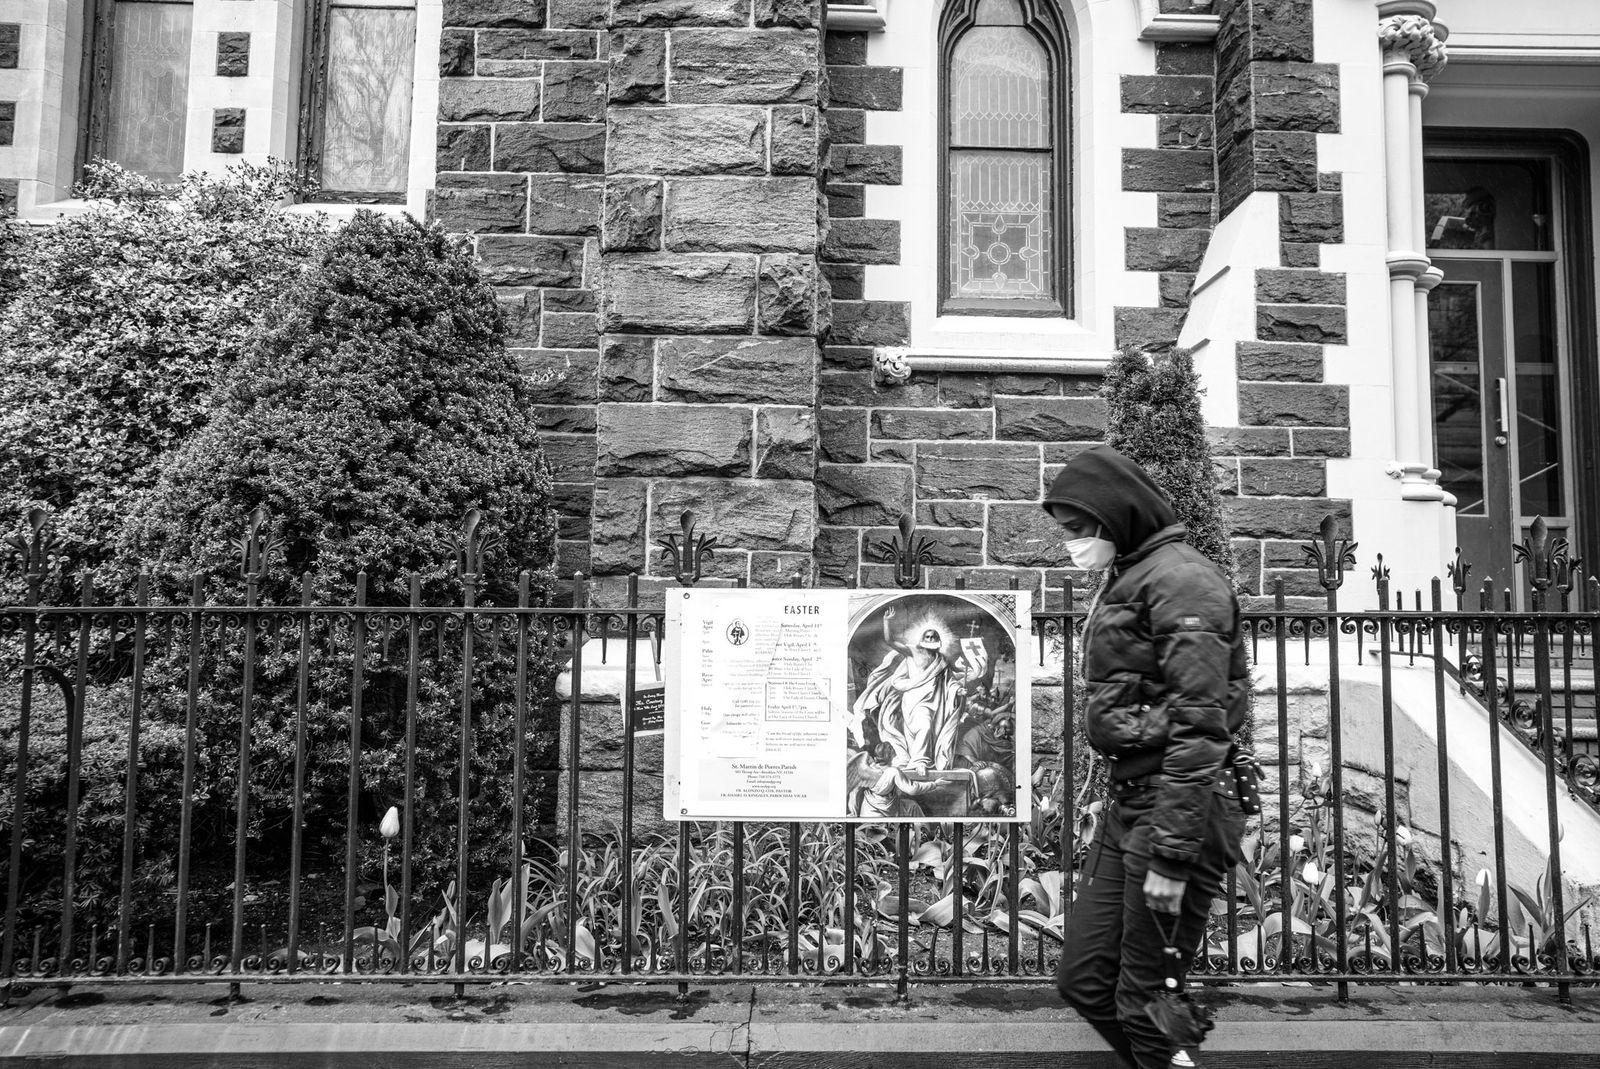 Una persona pasa frente a una iglesia